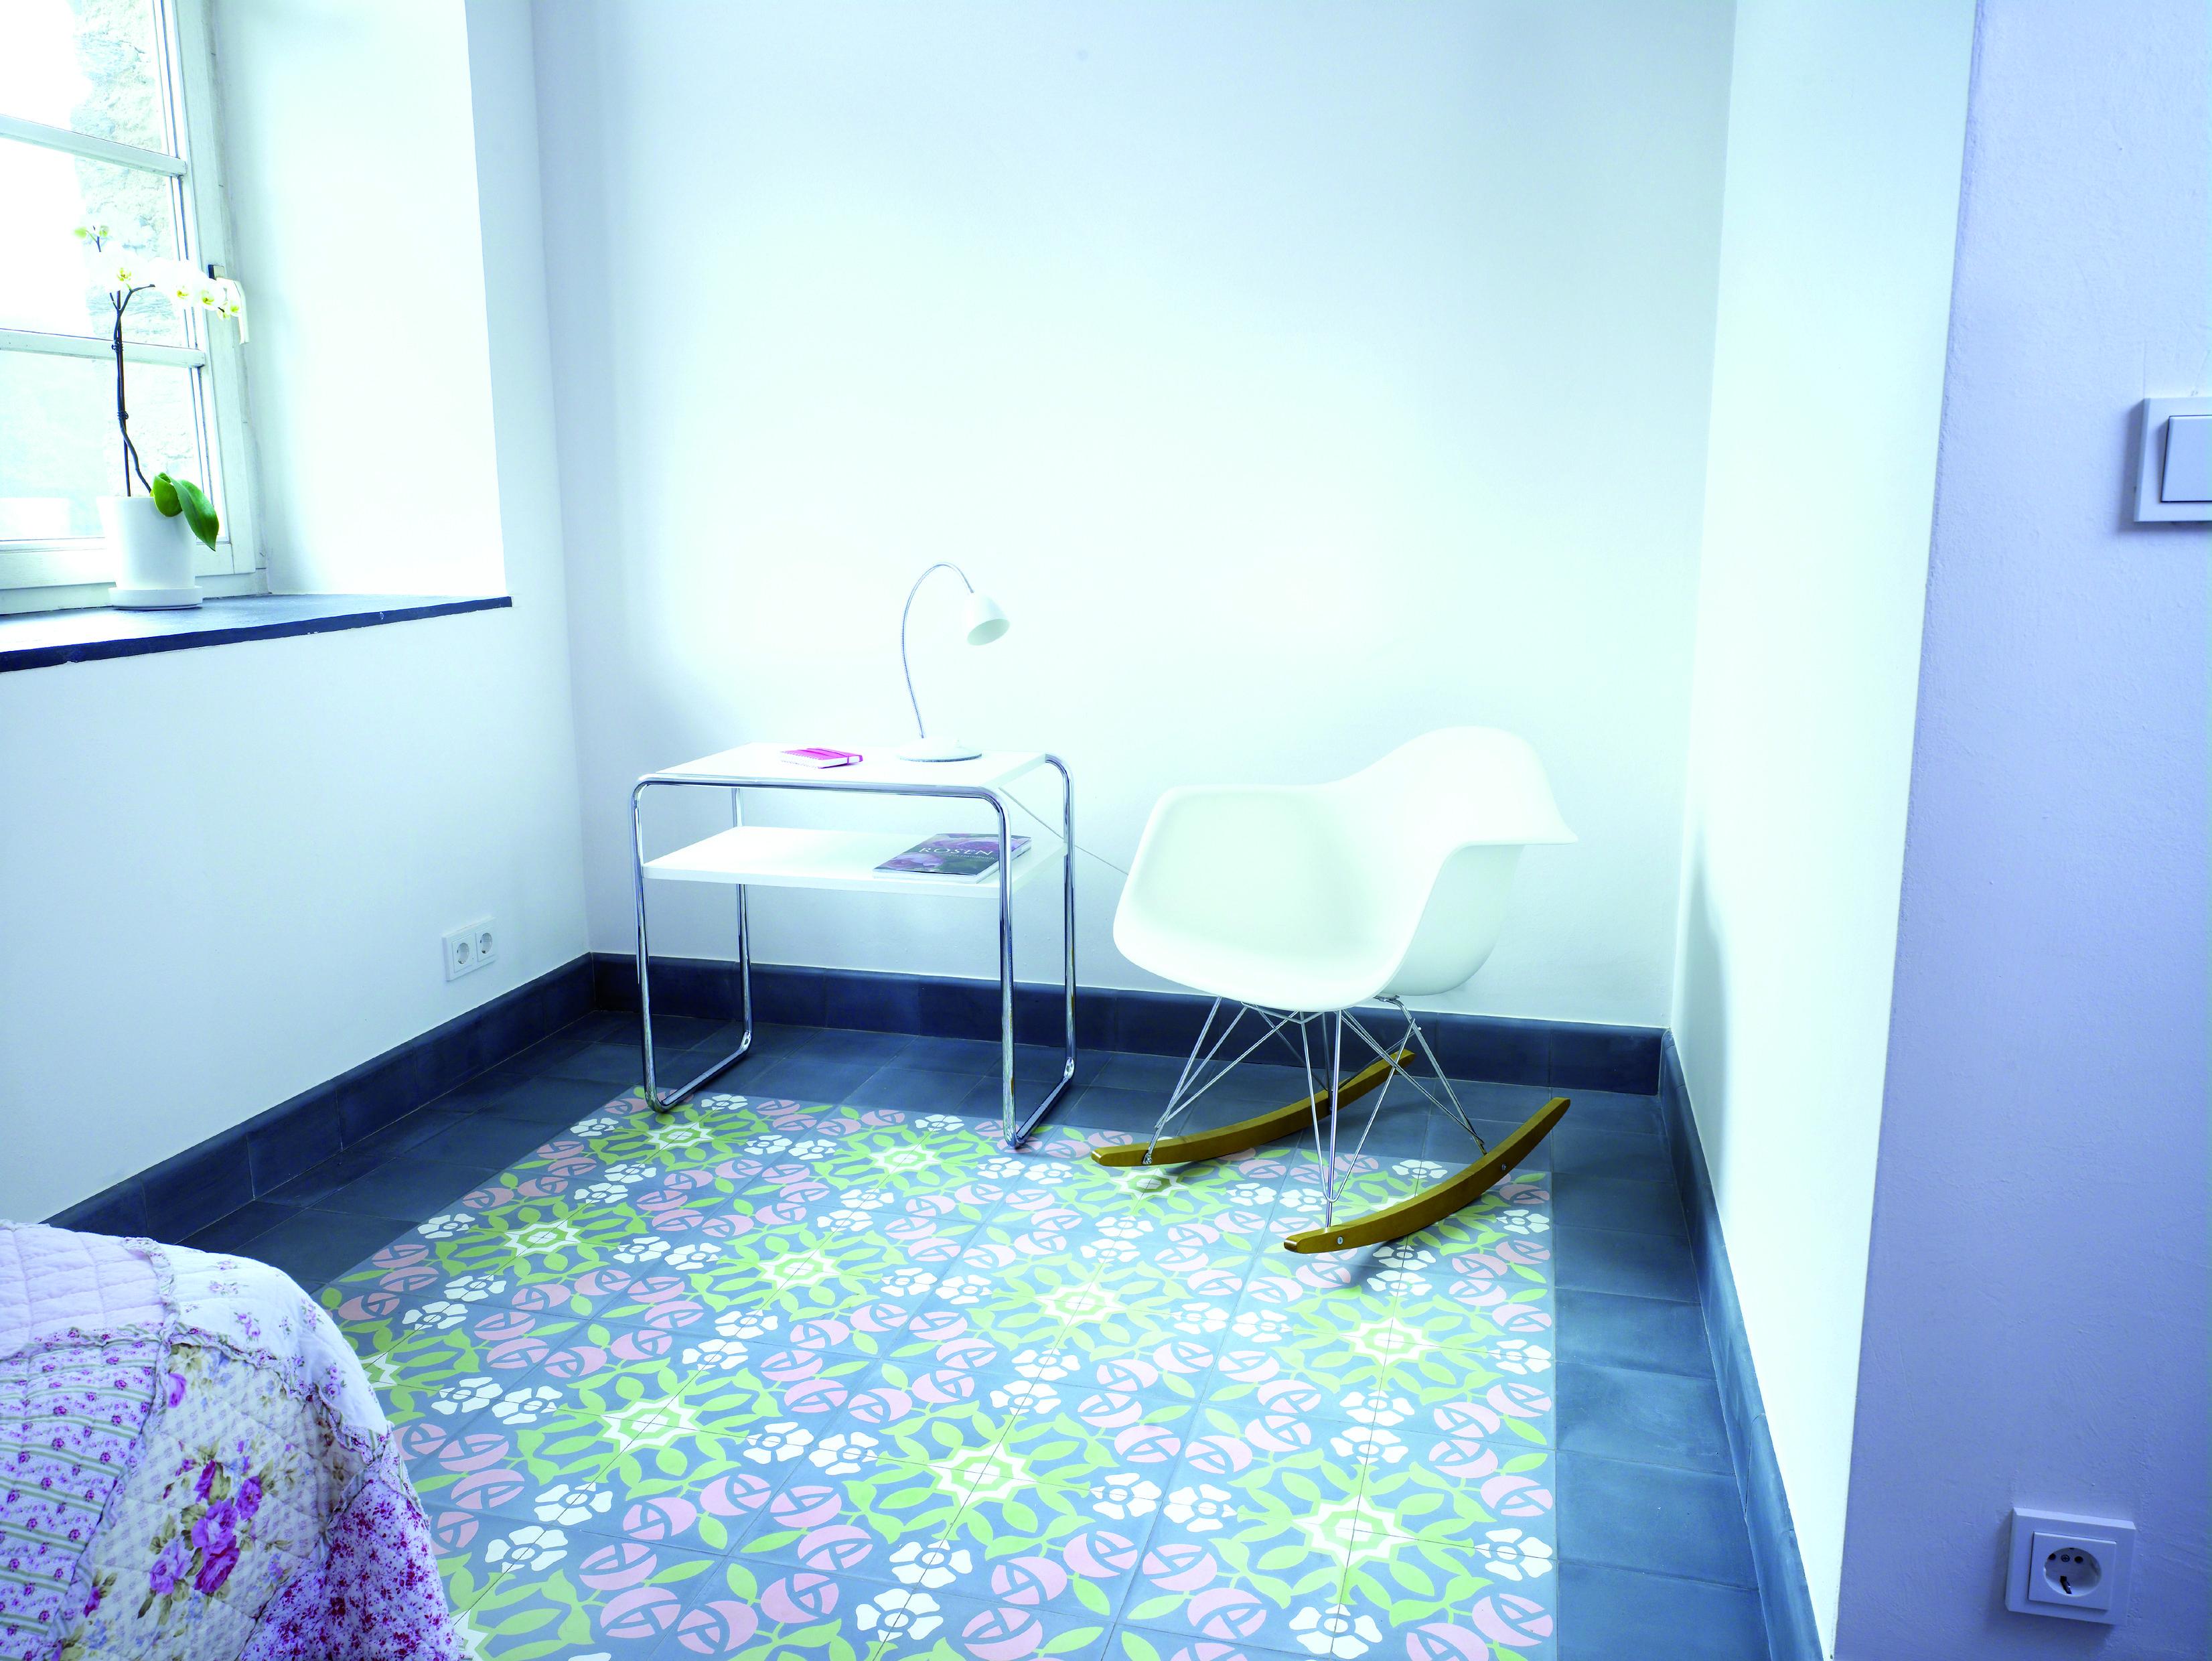 Fliesen mit floralem Muster – Ornamentale und florale ...